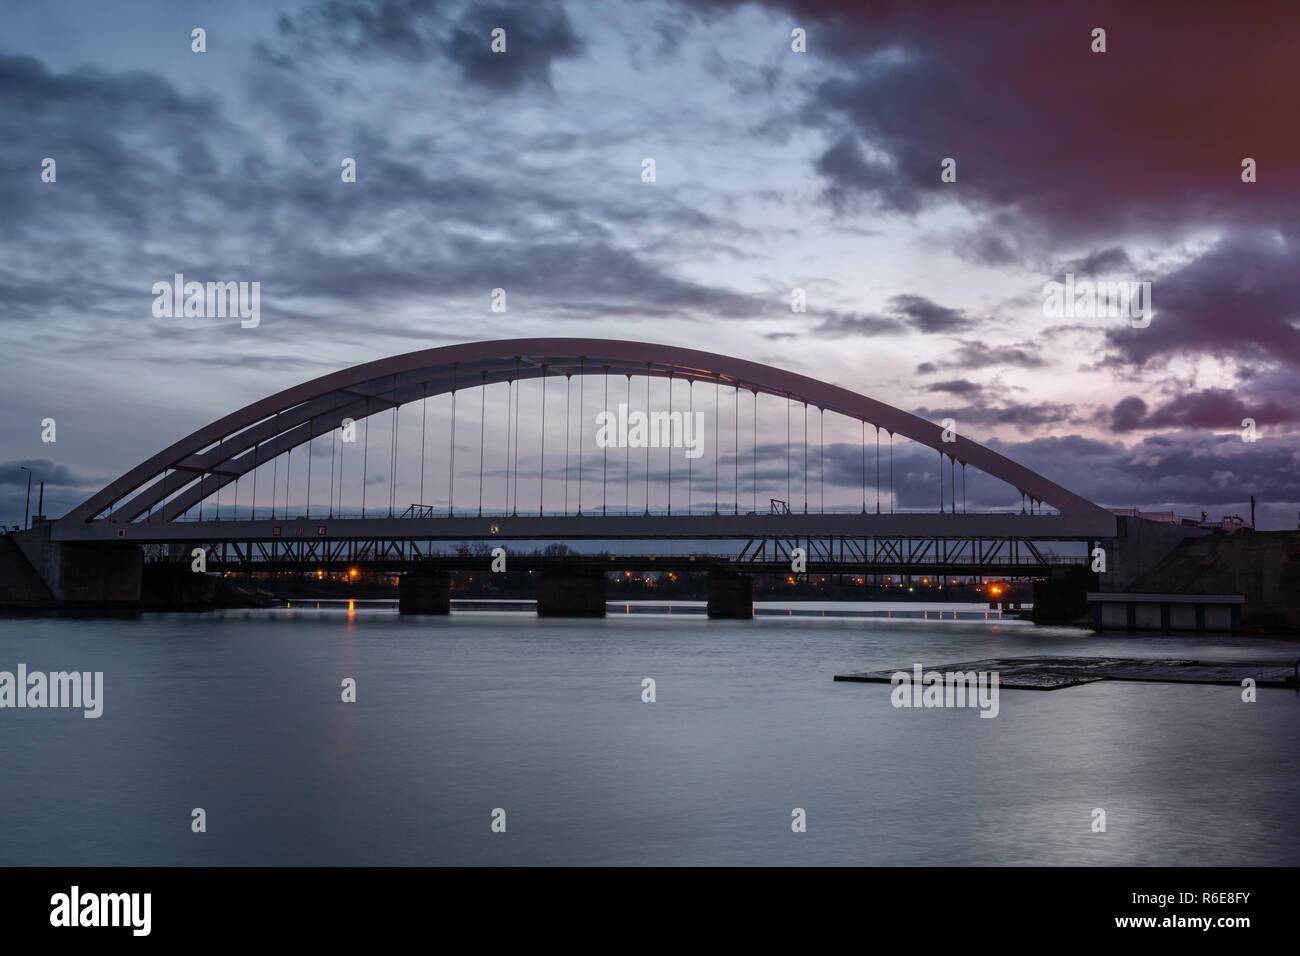 Eisenbahnbrücke über den Fluss Wisla Martwa bei Dämmerung in Danzig. Polen Europa. Stockfoto